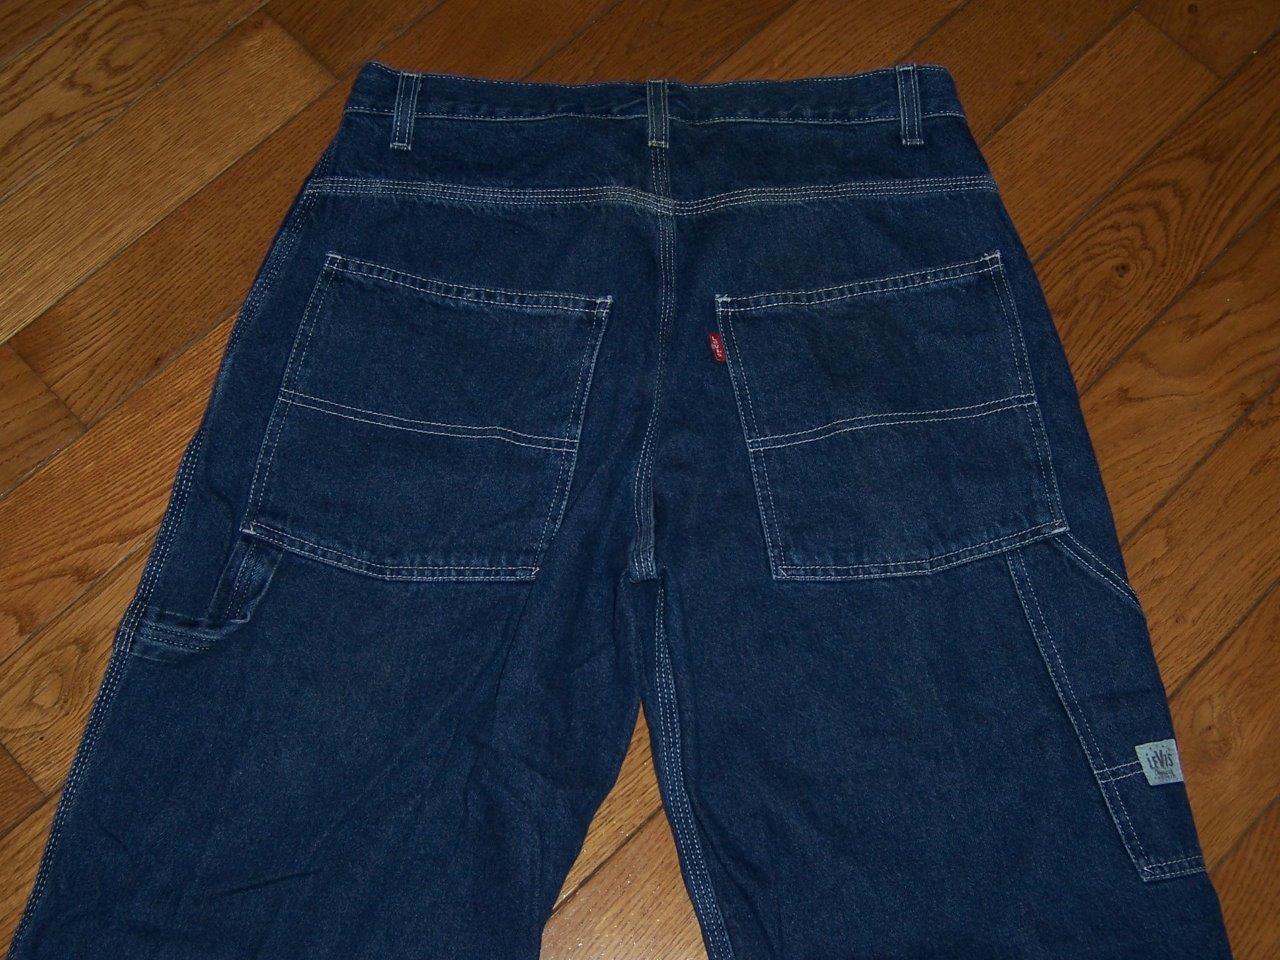 en Levi's Jeans denim Carpenters Americas qtntrUzv